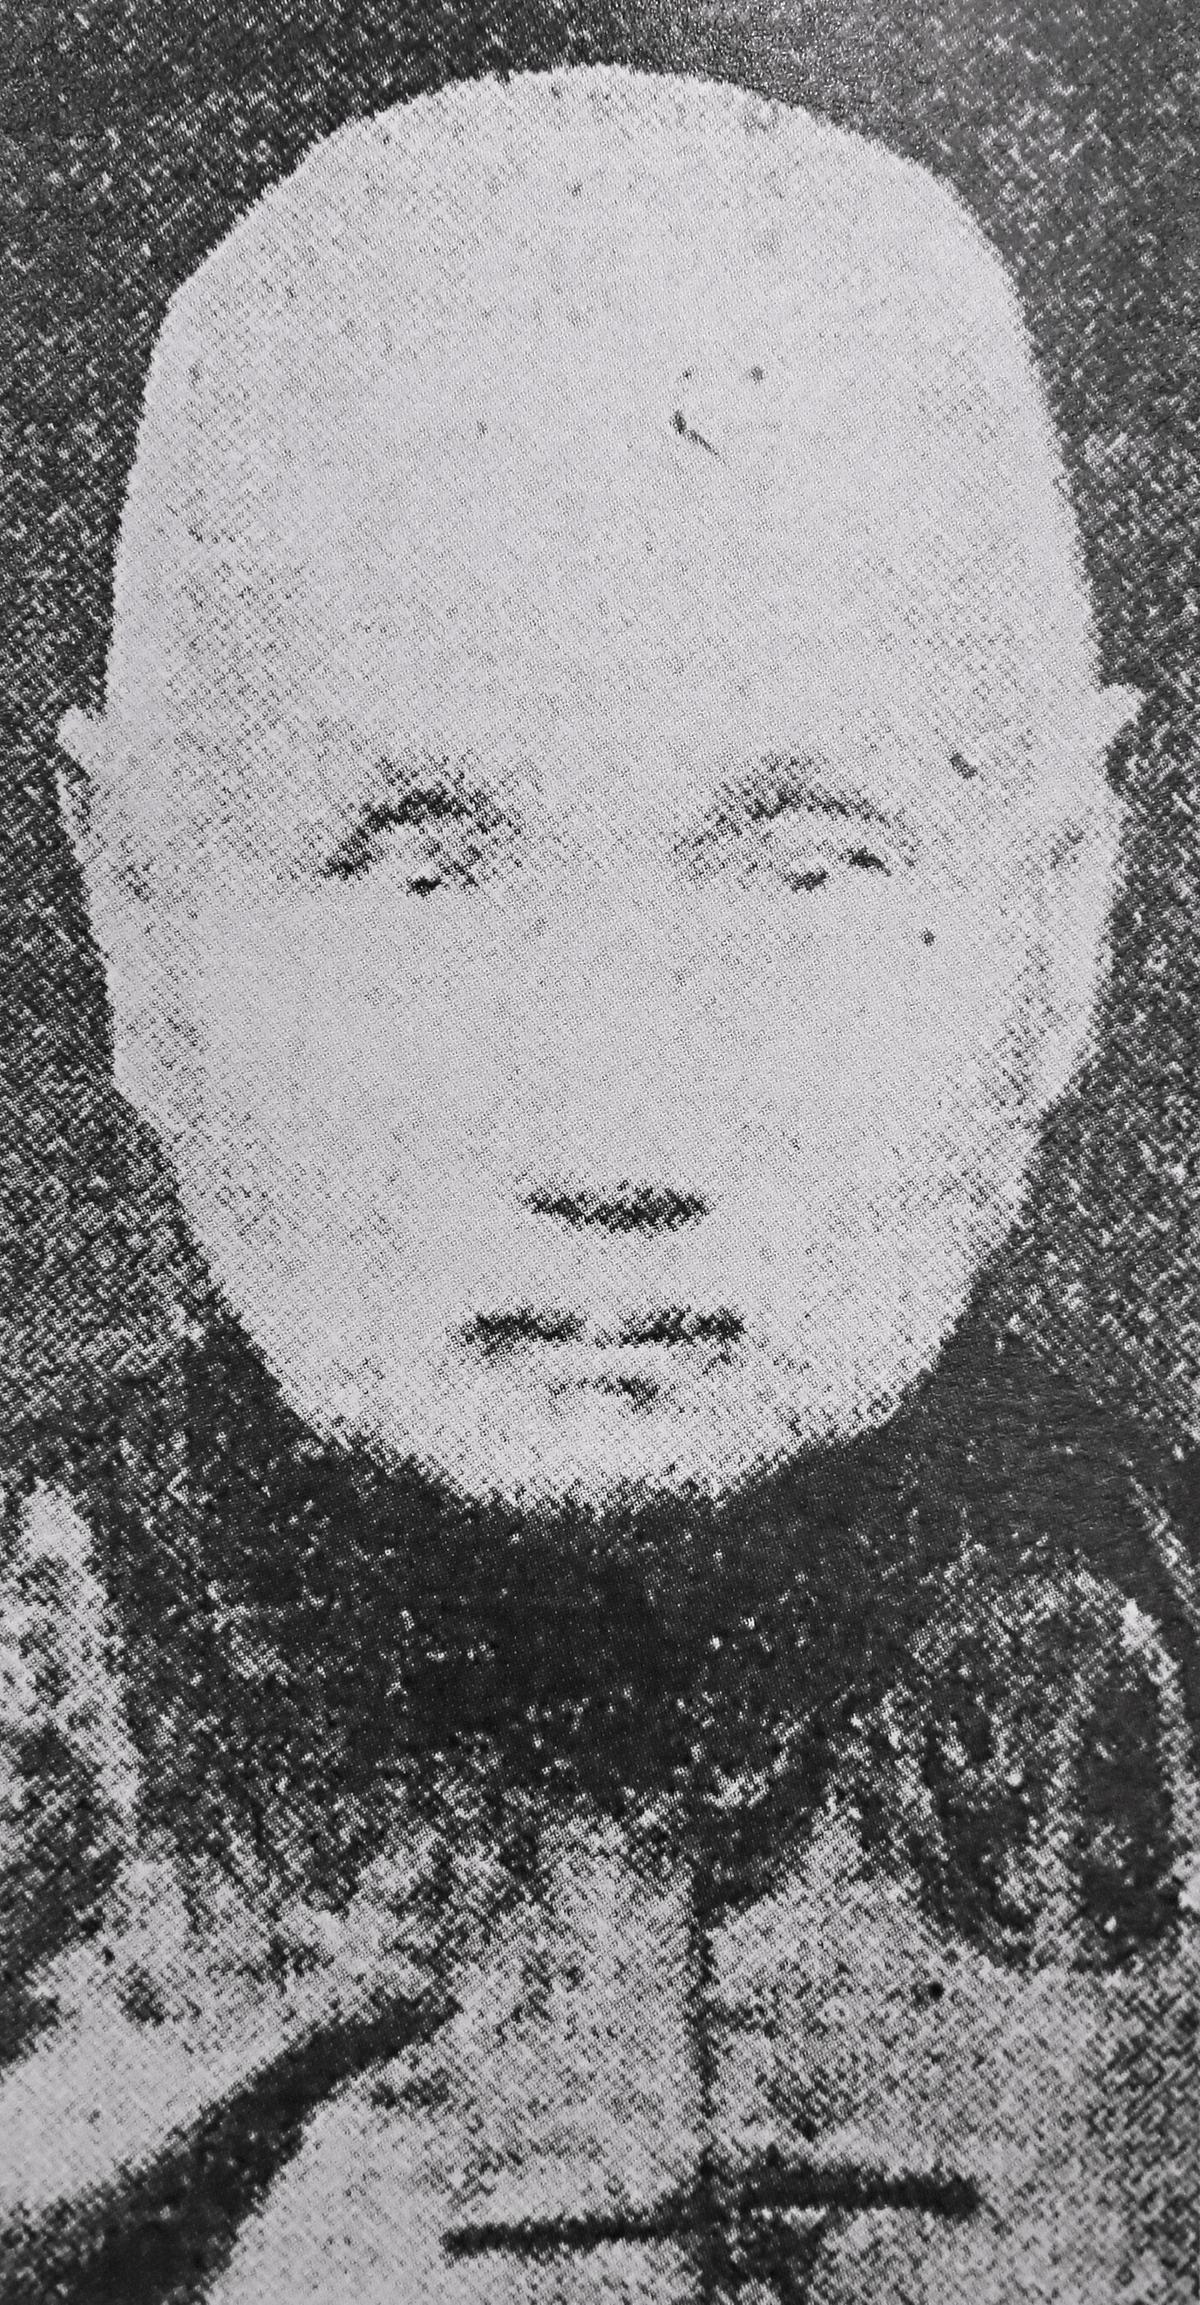 李聲元在光緒年間中選秀才,是當地首位取得功名者。(翻攝《重回秀才厝》)